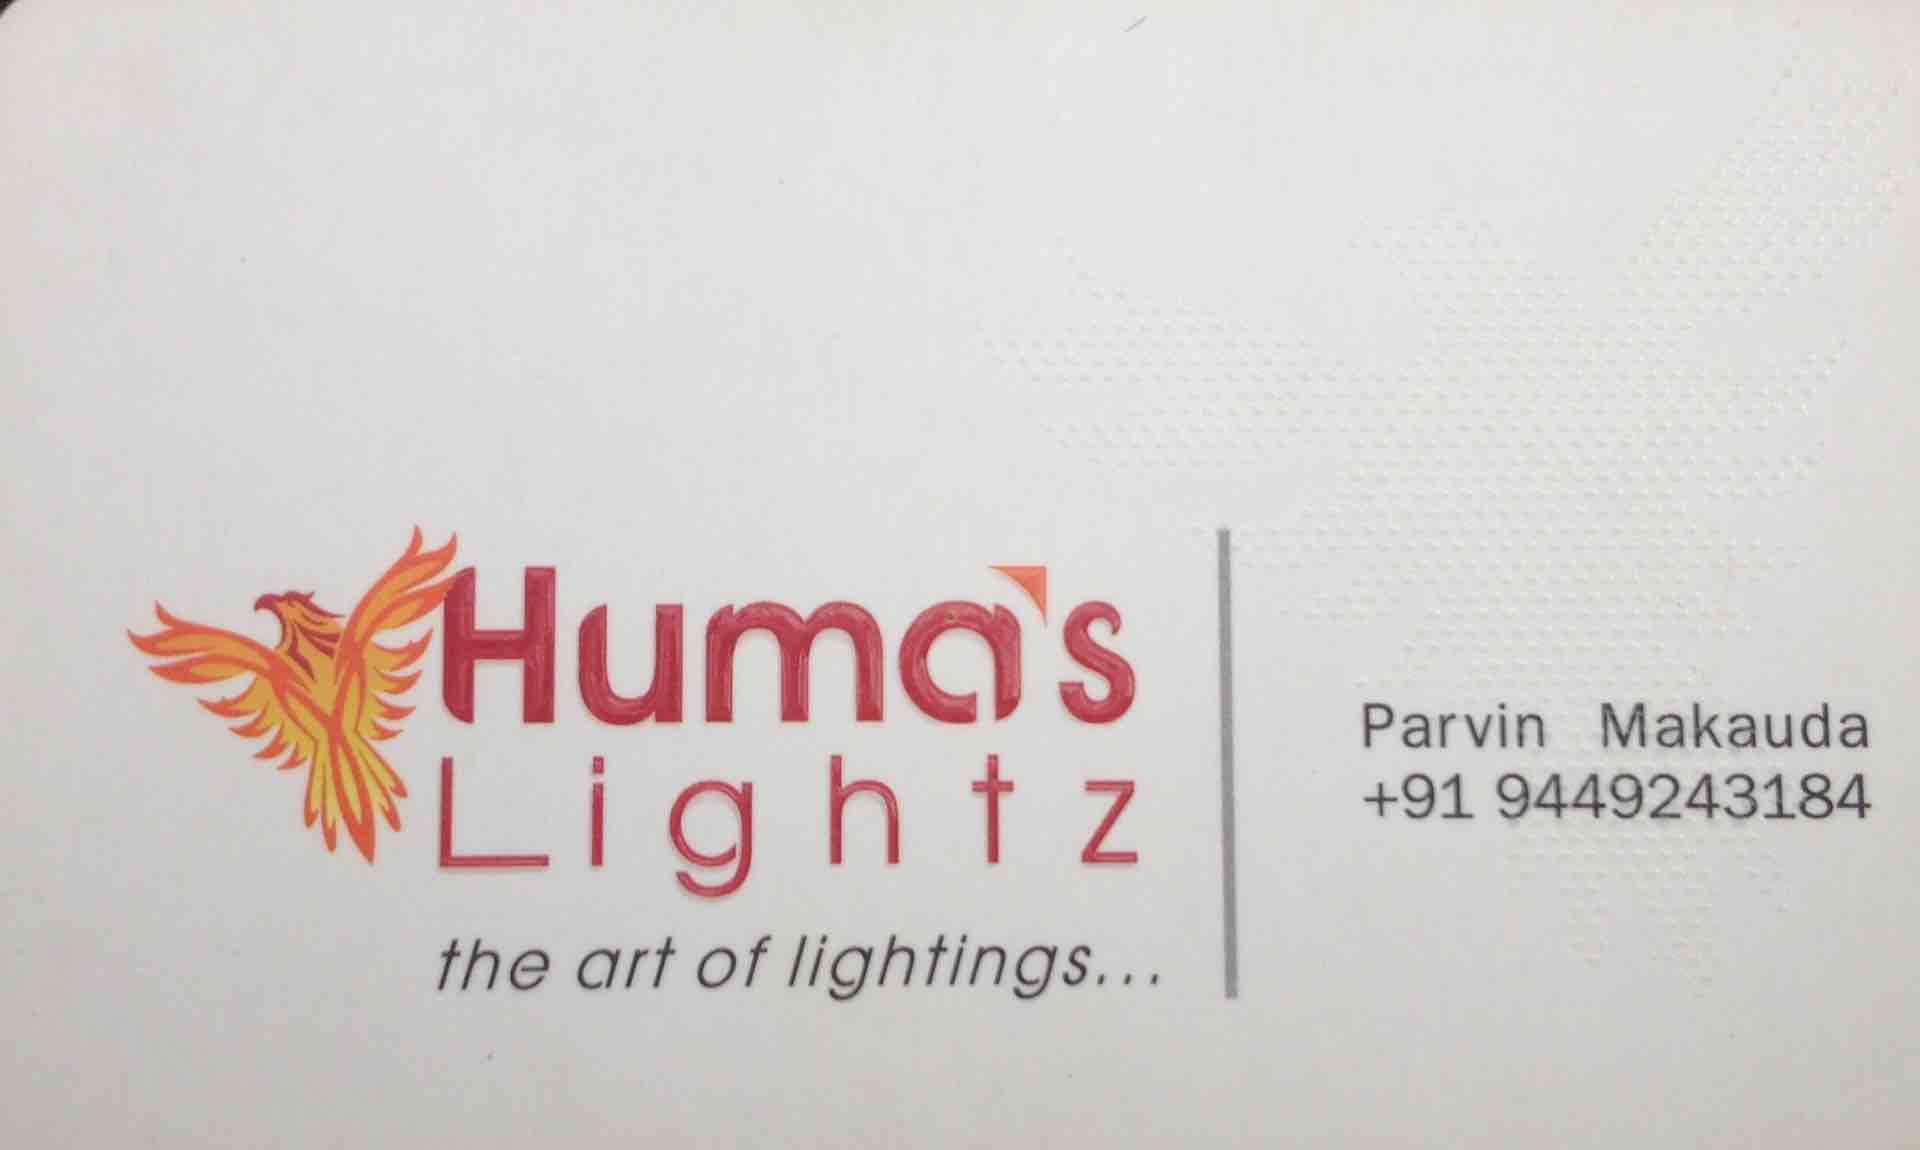 Humas Lightz